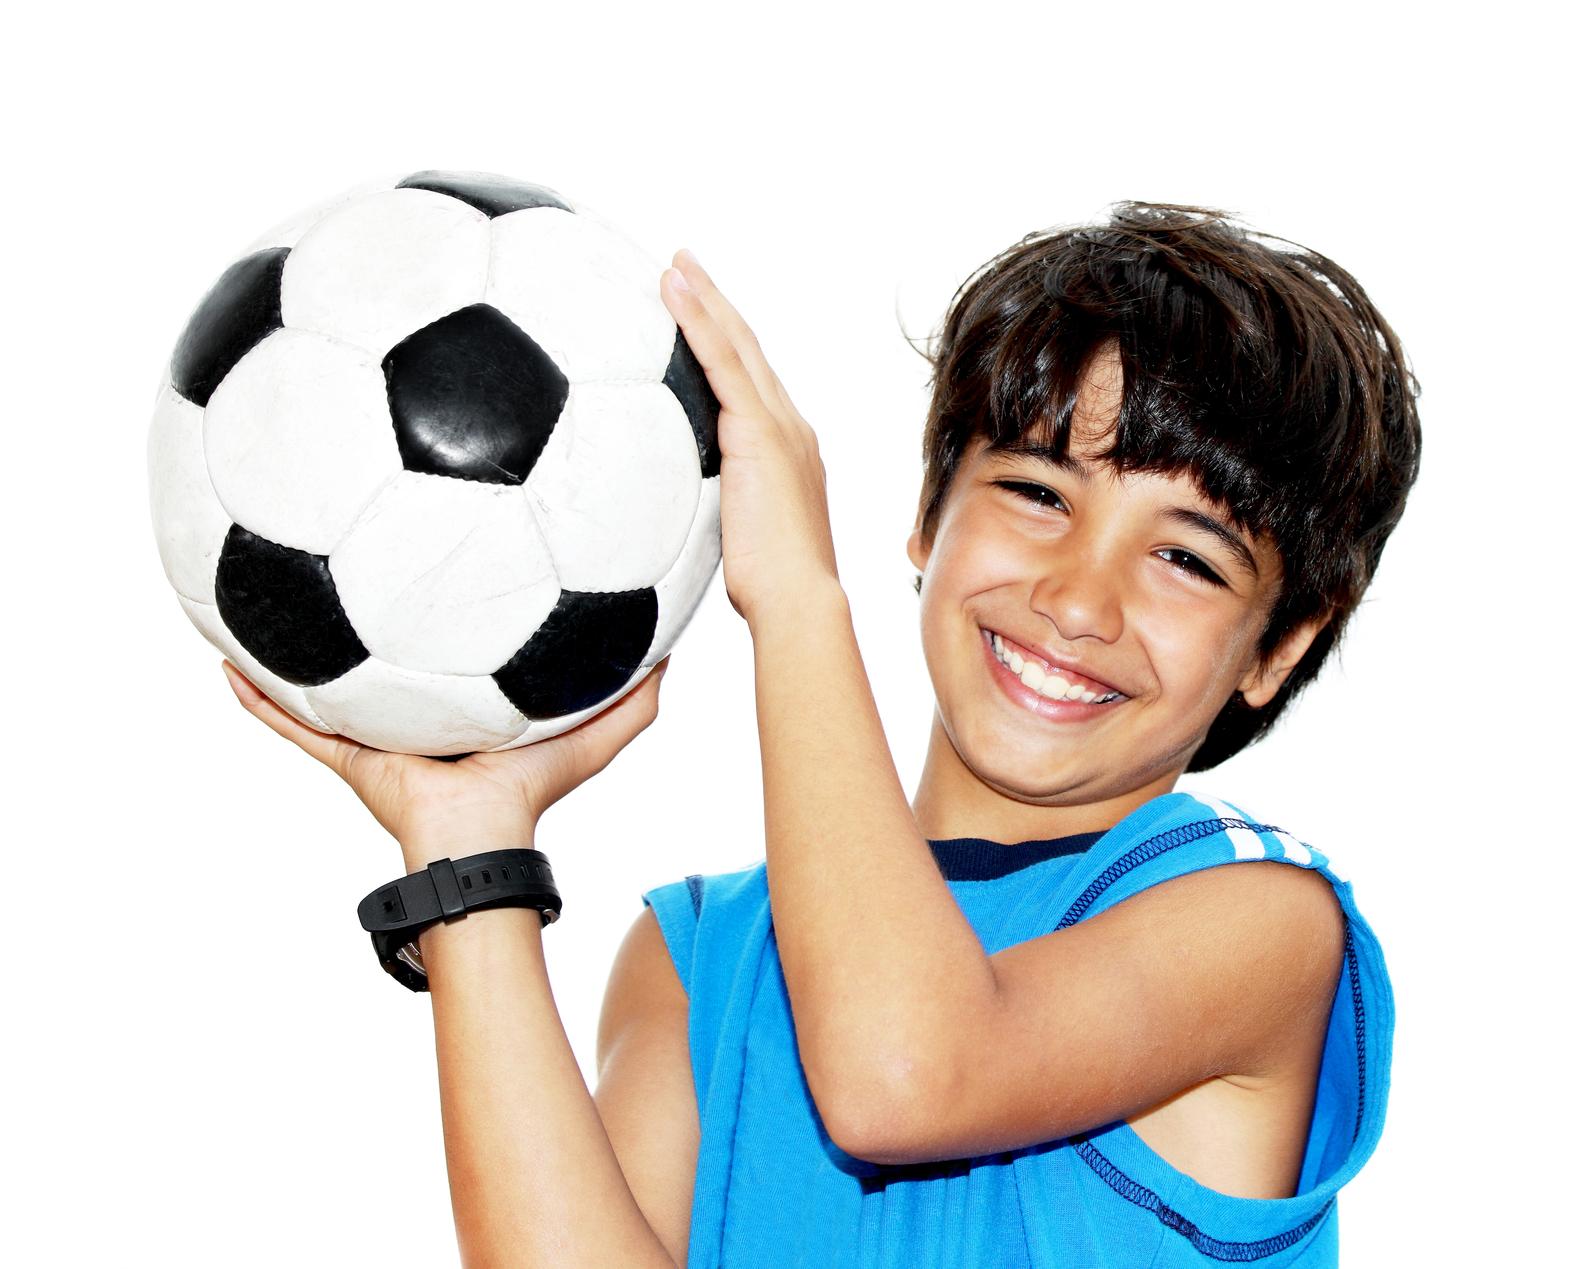 stockfresh_1862141_cute-boy-playing-football_sizeM_3a2156